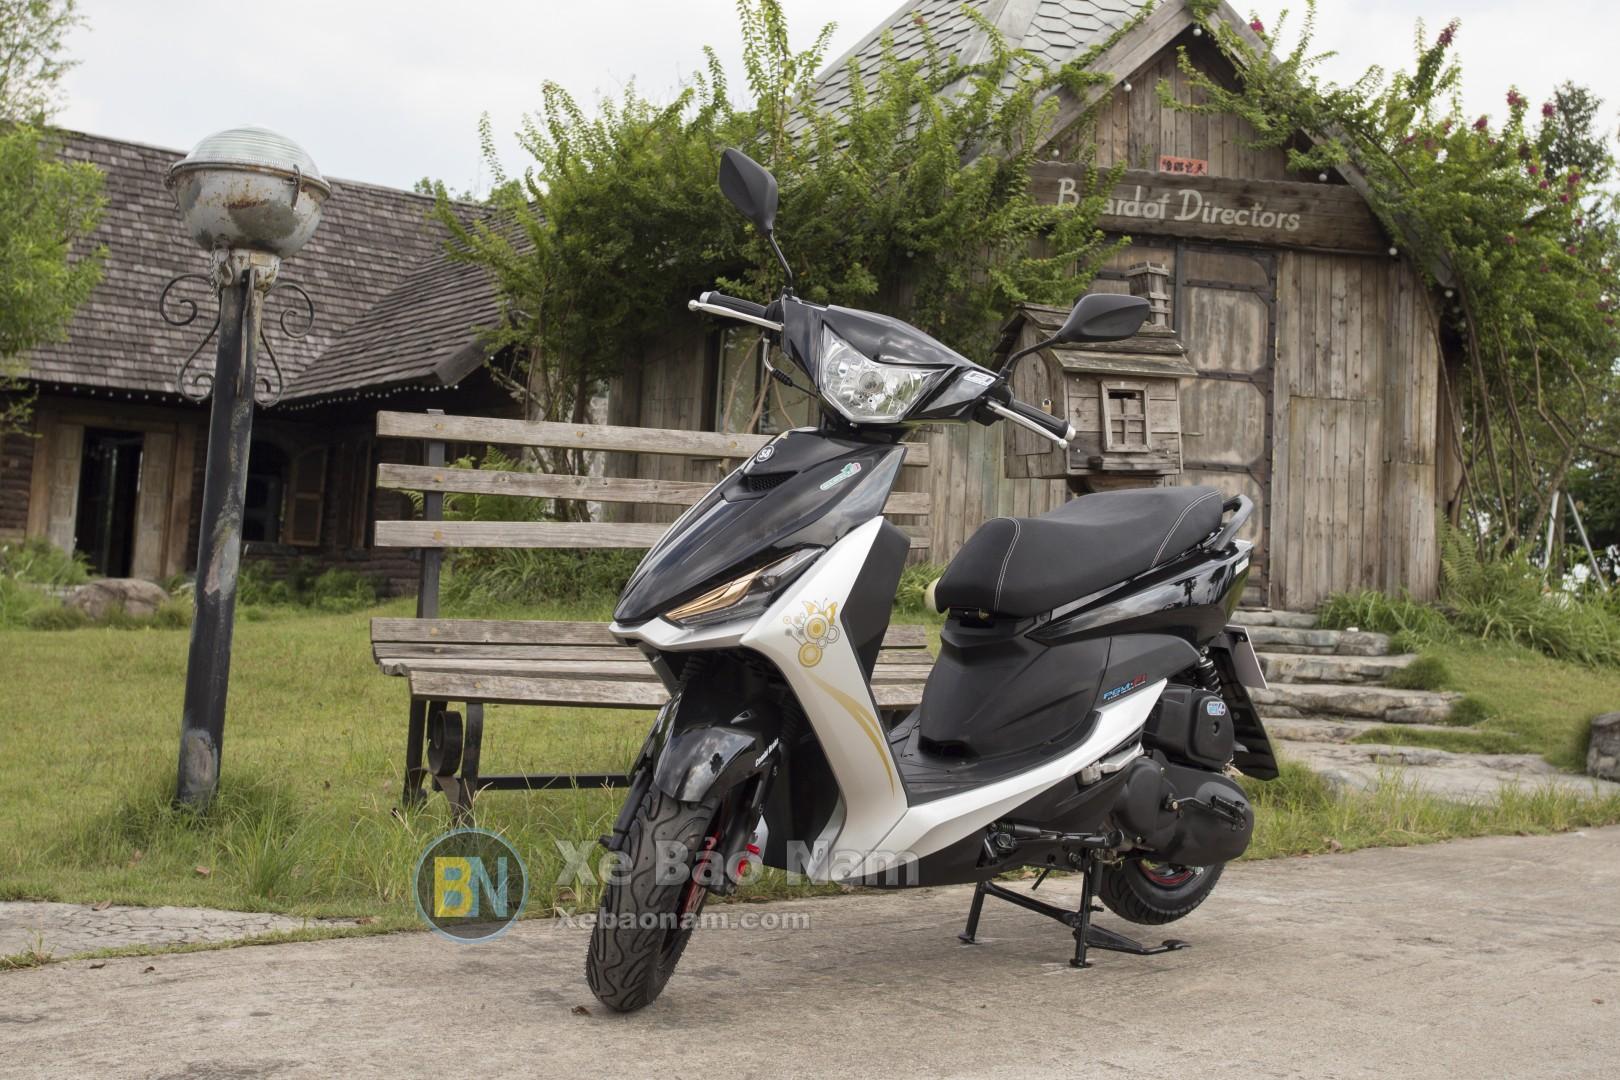 xe-ga-50cc-xebaonam